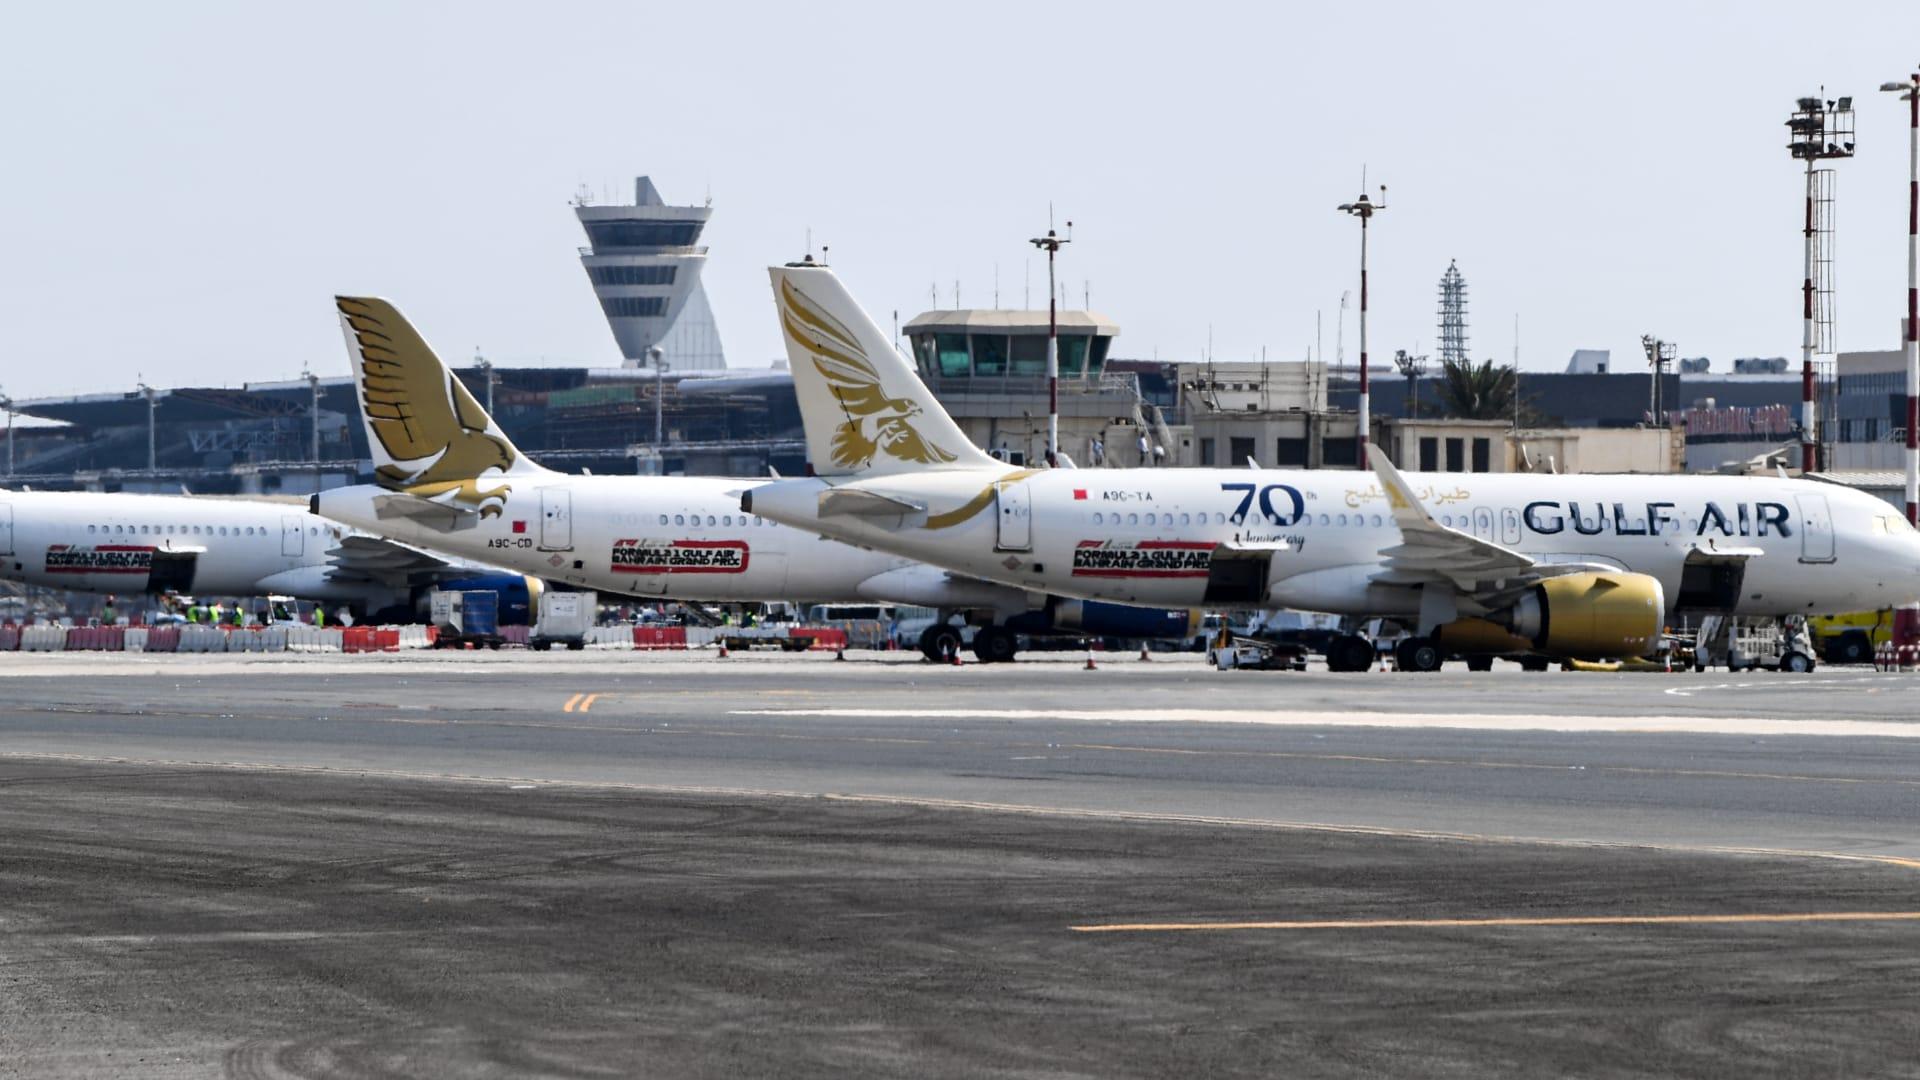 """شركة """"جلف آير"""" البحرينية تستعد لتسيير رحلات تجارية إلى إسرائيل.. وتوقع اتفاق مع طيران العال"""